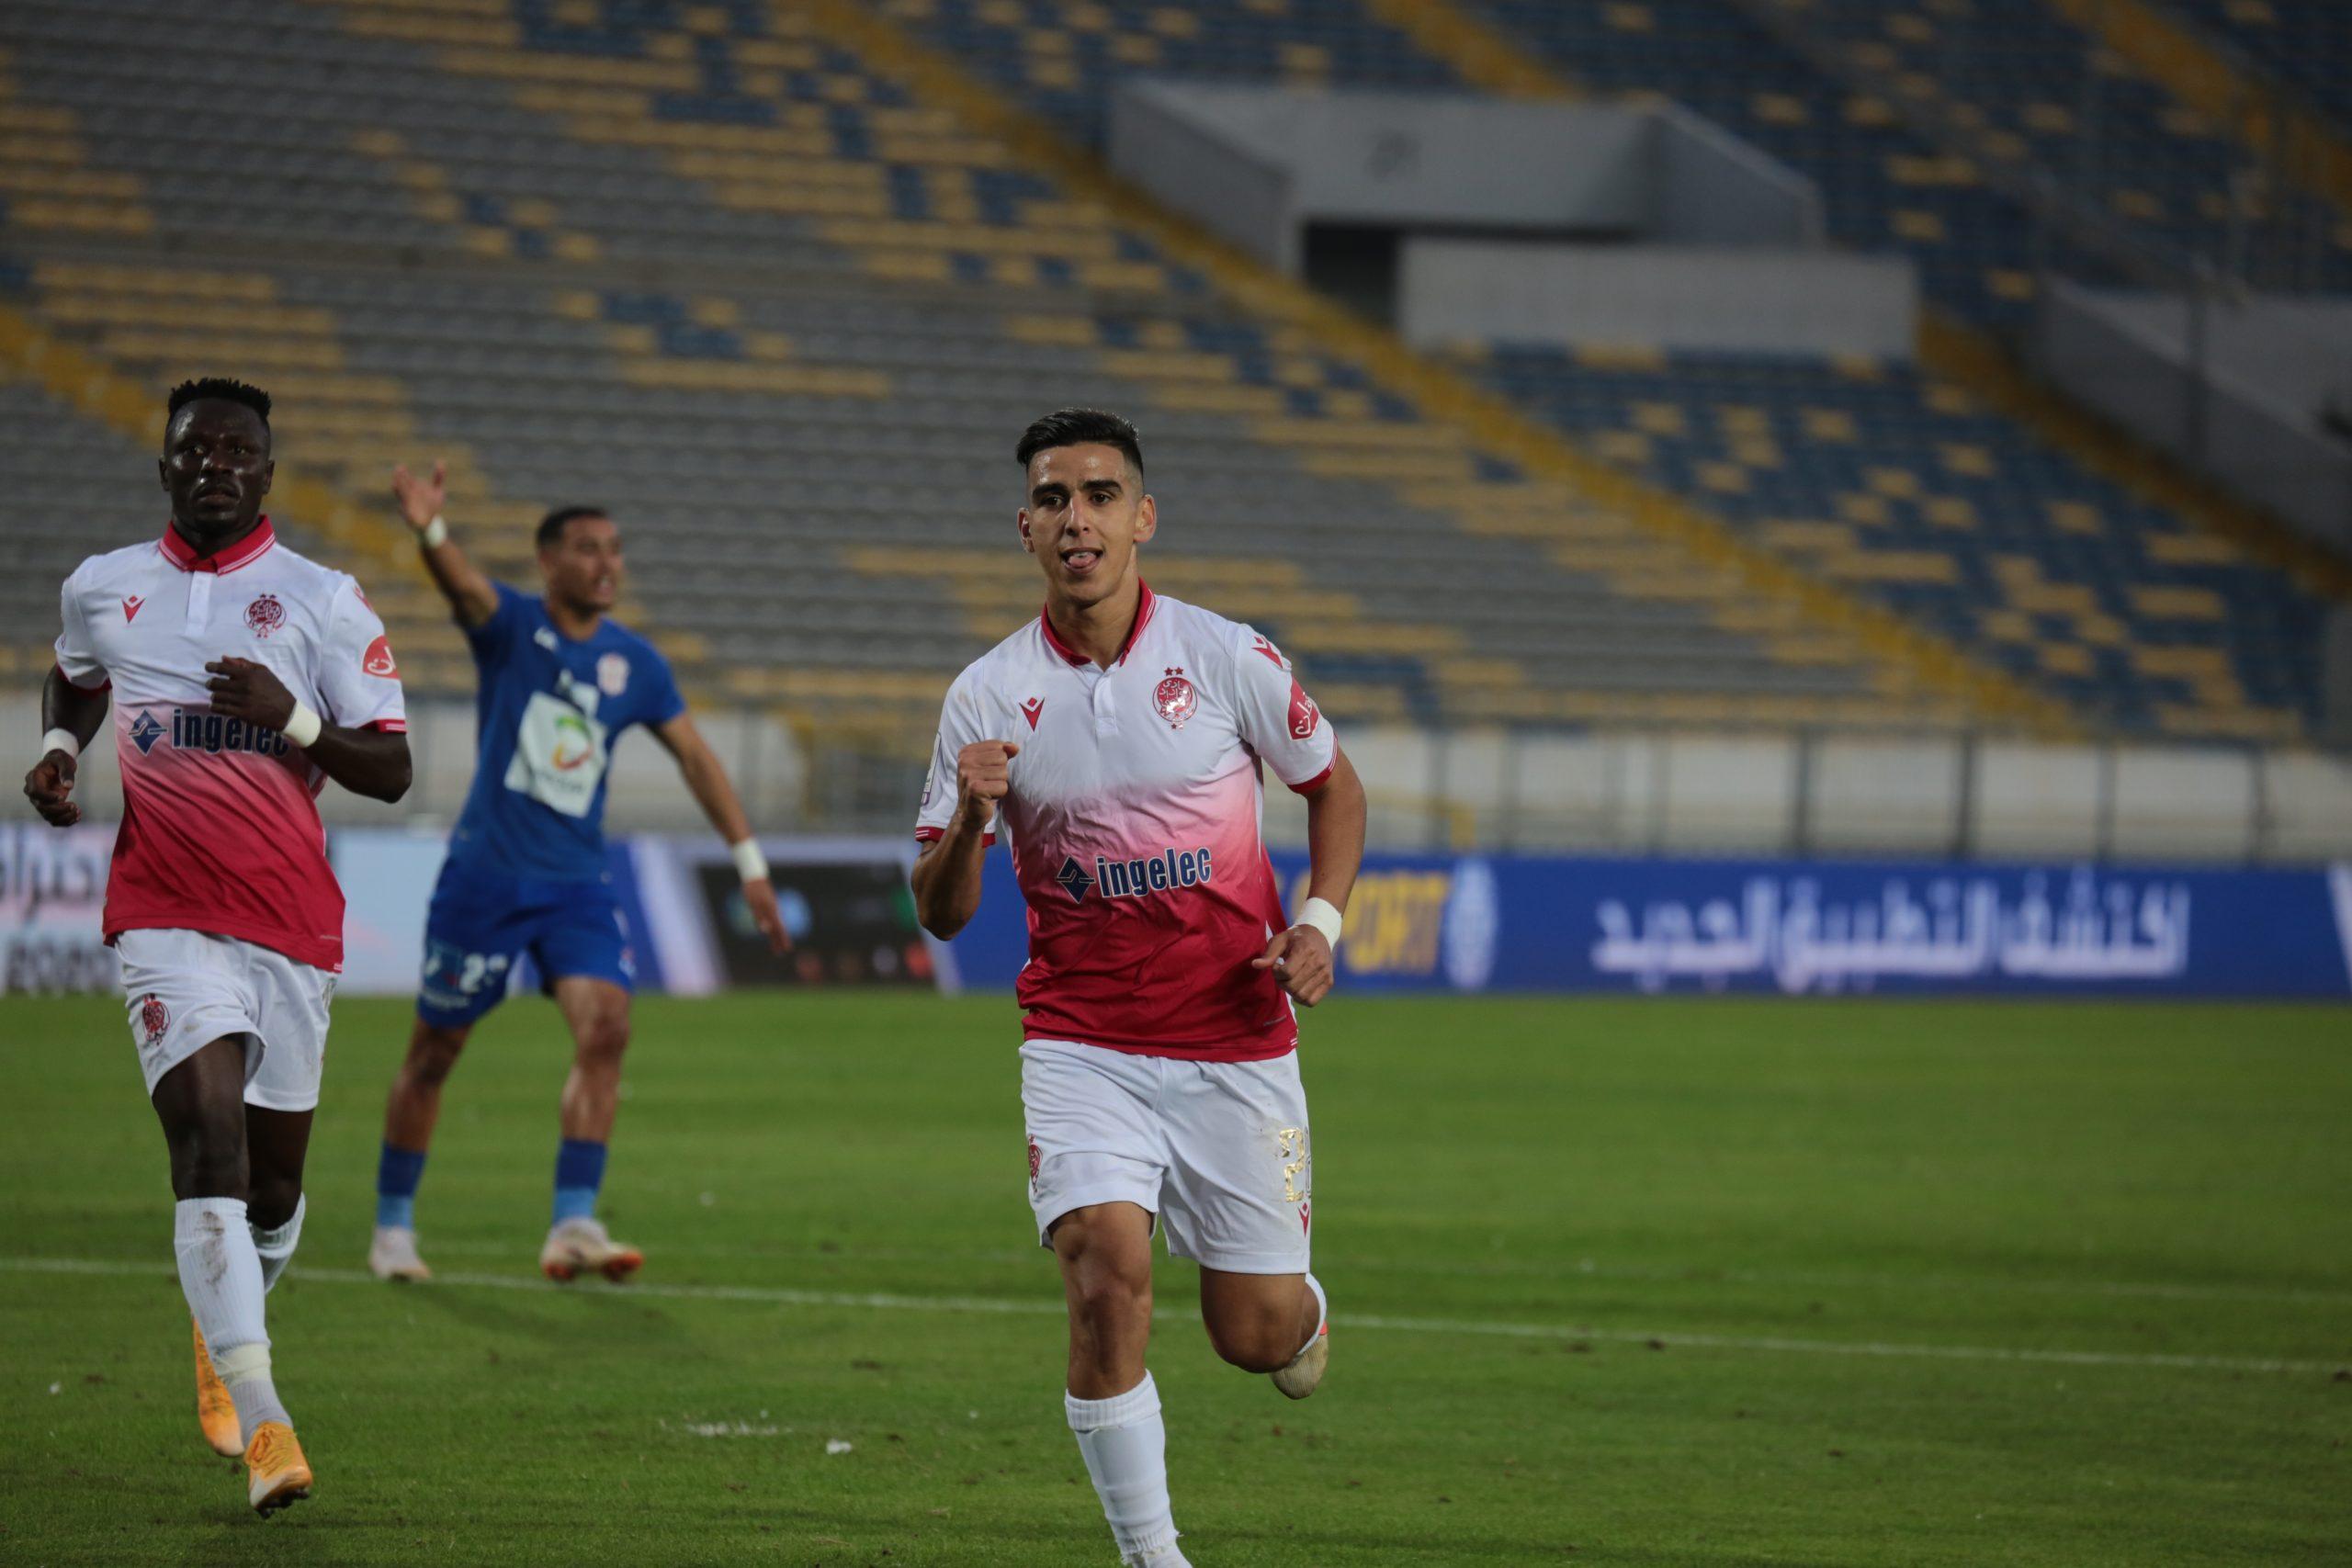 الوداد يفوز على حسنية أكادير برسم الجولة الرابعة من البطولة الإحترافية